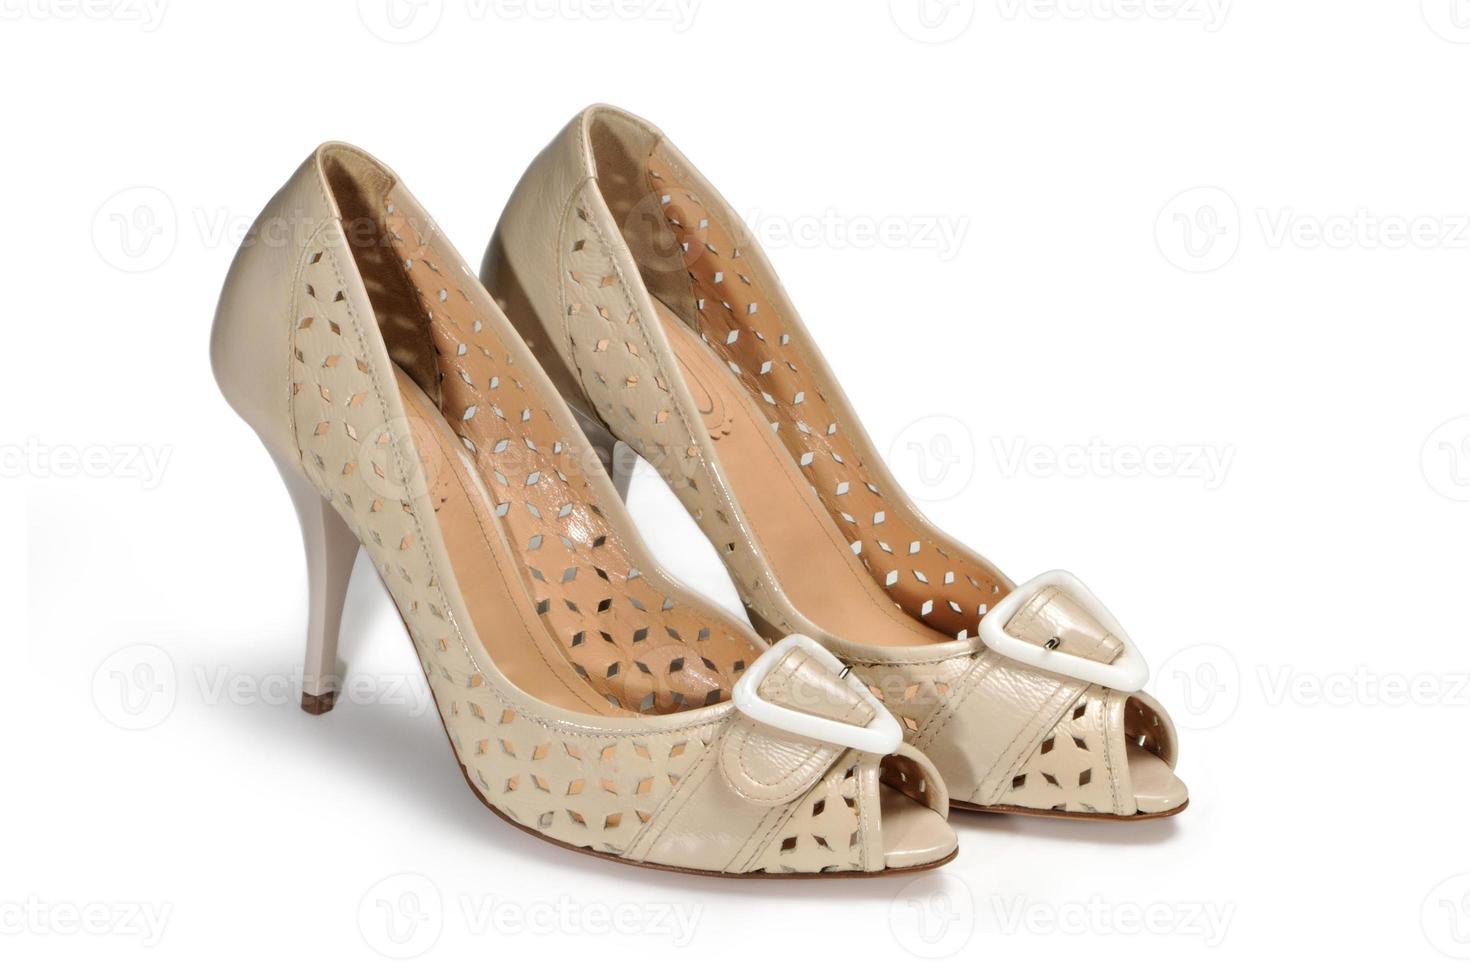 beige kvinnliga skor på en vit bakgrund foto